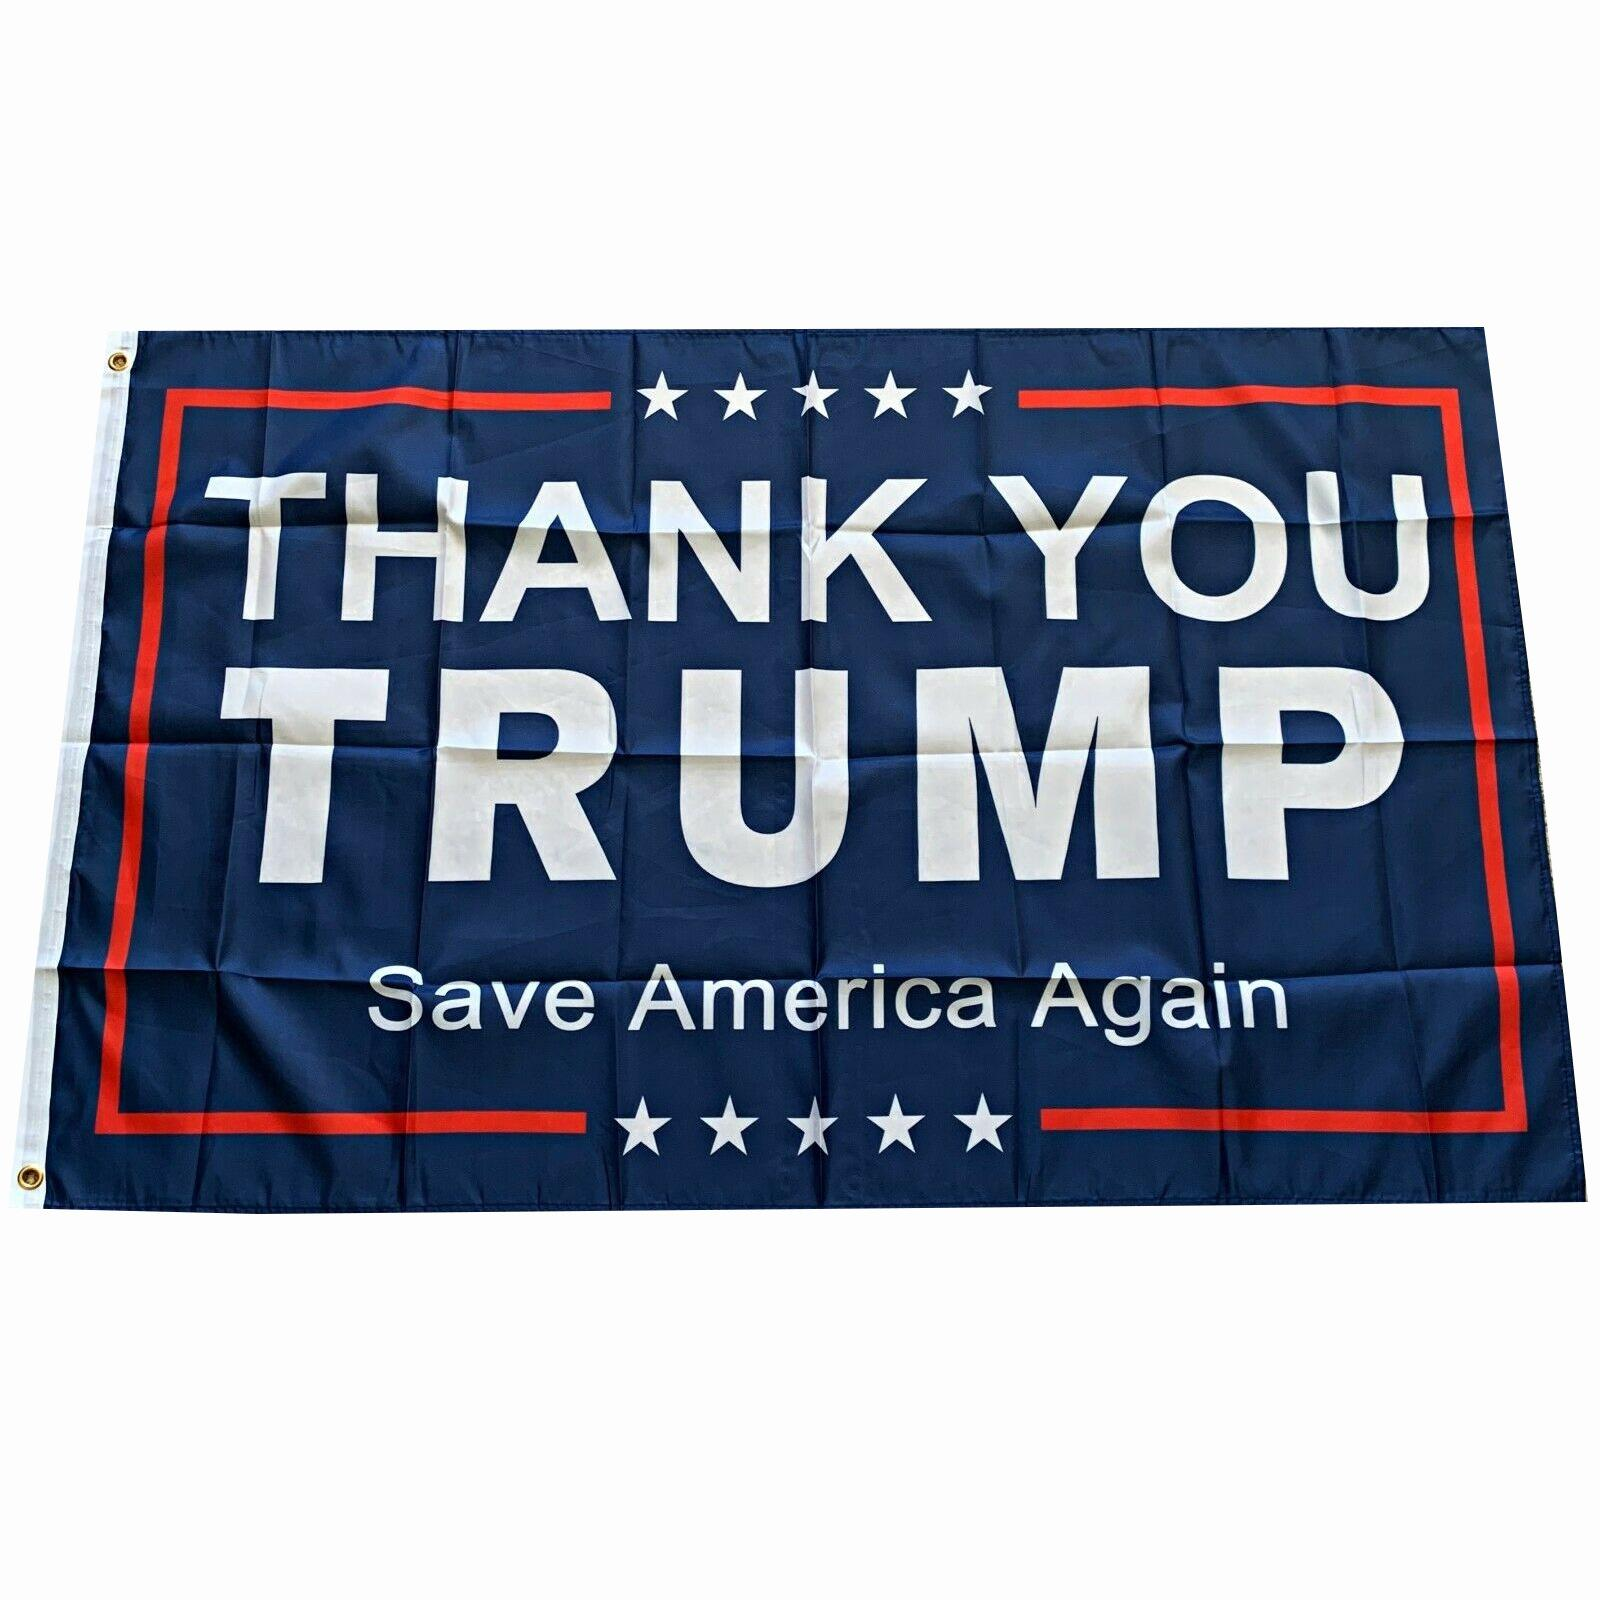 La más nueva bandera de la bandera de Trump 2024 bandera de la bandera de la elección Donald Trump Flag Guarde America de nuevo 150 * 90 cm Gracias, Trump Flags Sea Shipping ZC087